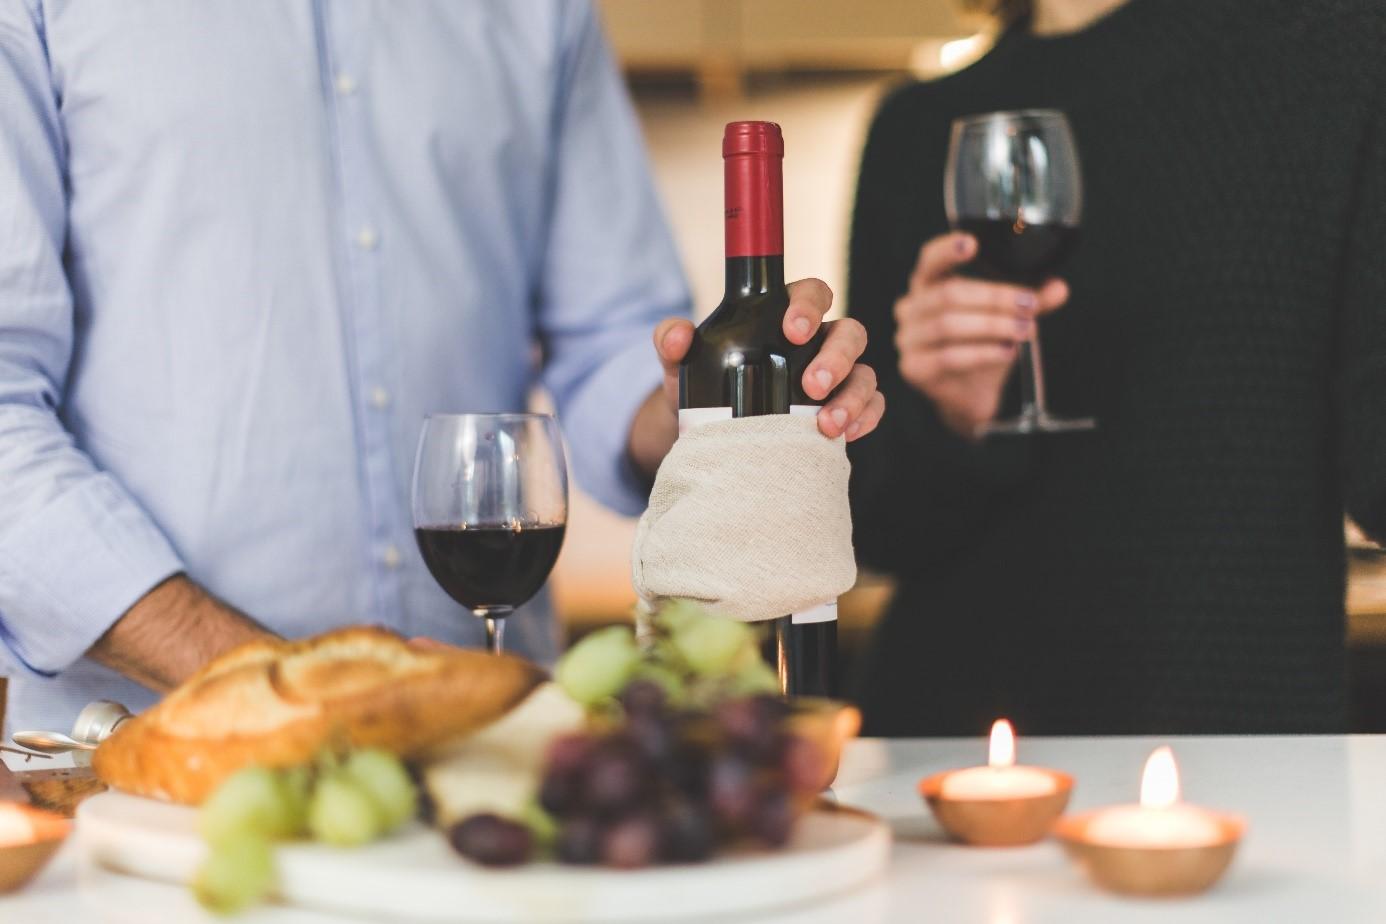 koken met wijn